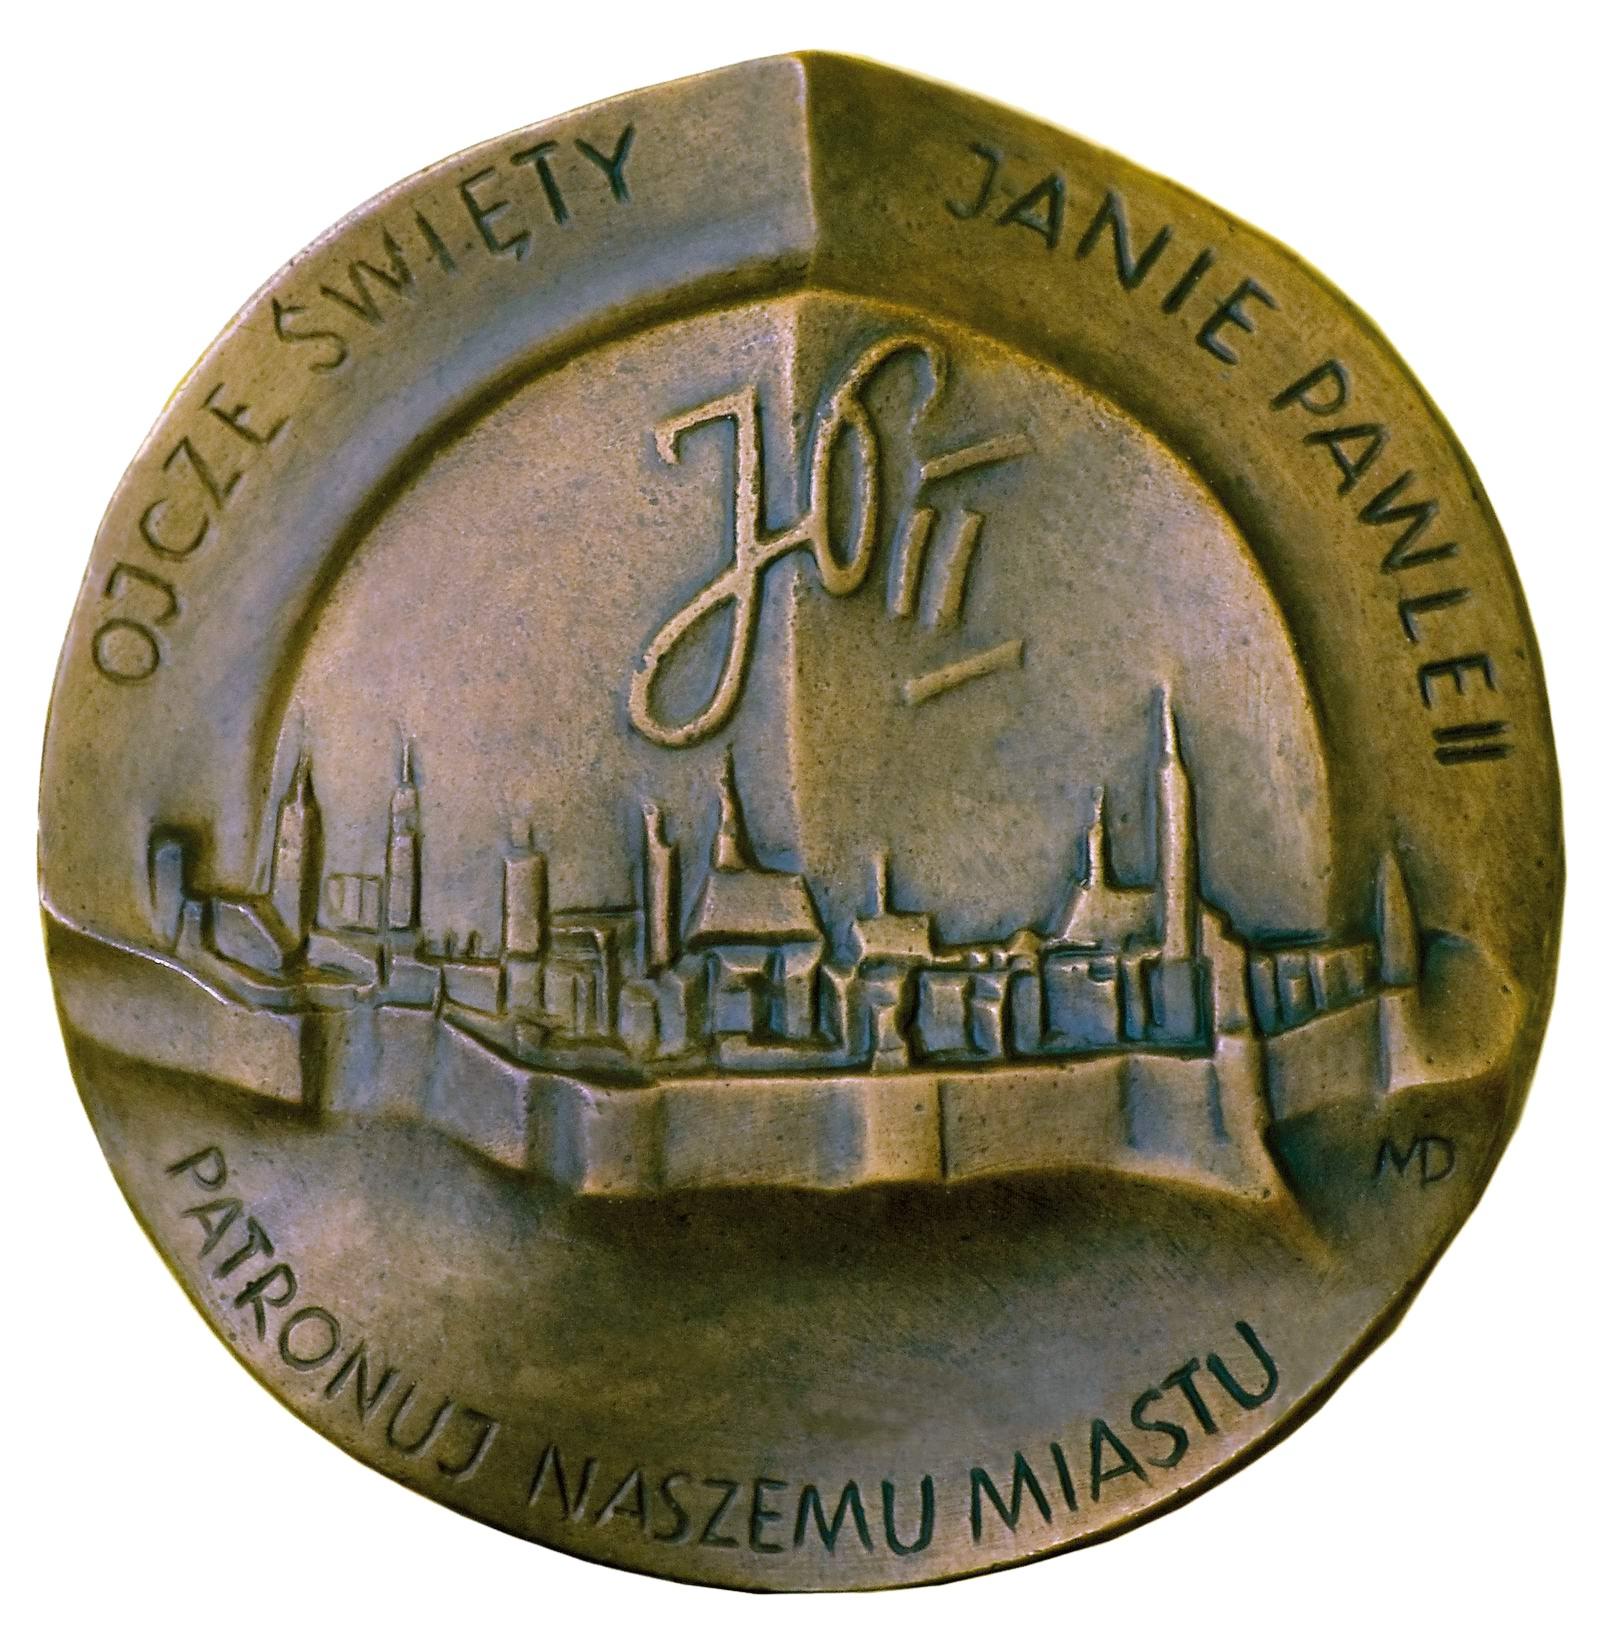 Magdalena Dobrucka, medal dwustronny (rewers), lany, srebro, Φ 85 mm, 2012 r.